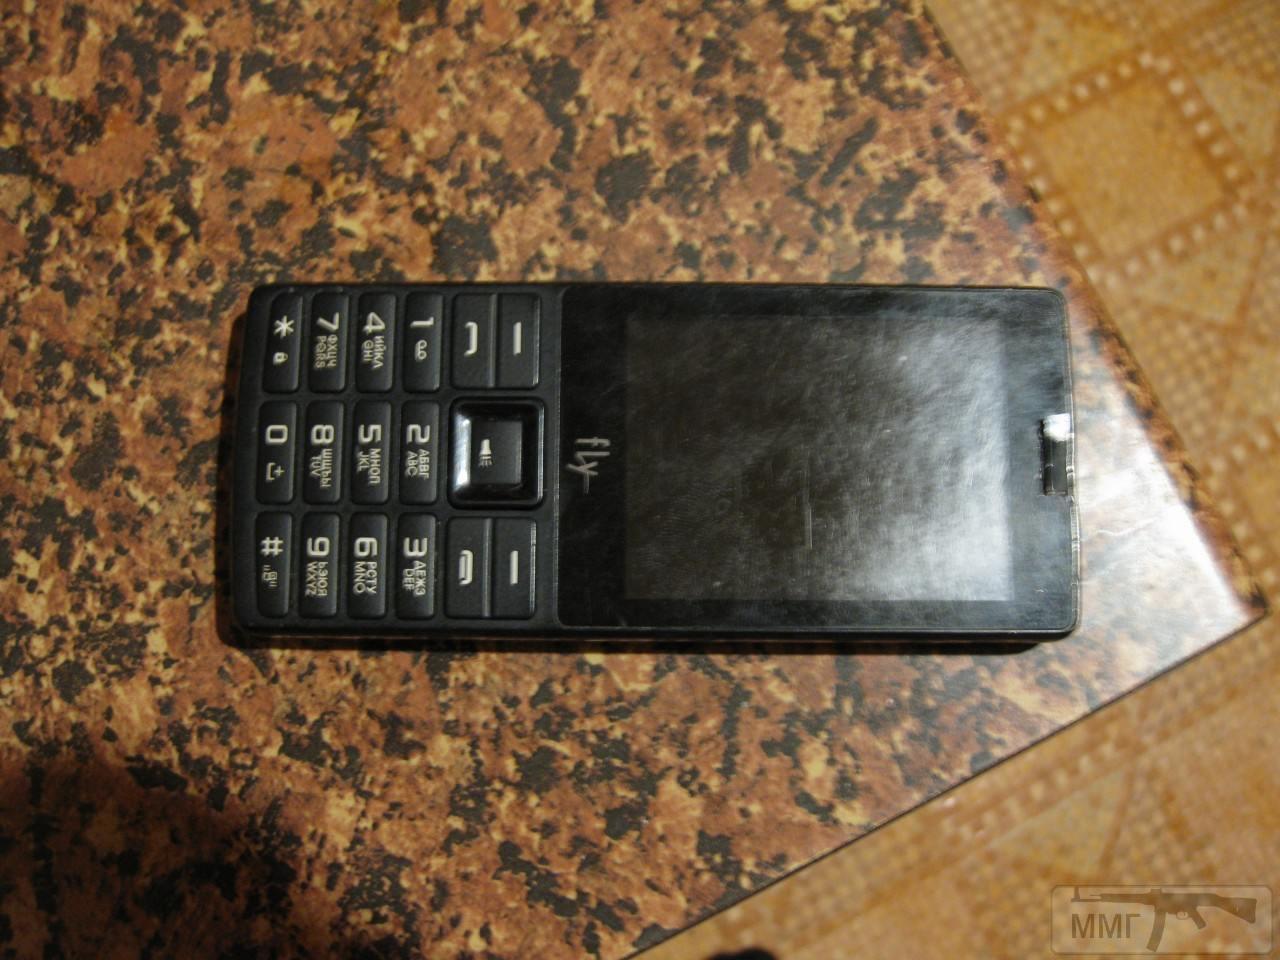 38952 - Ремейк Nokia 3310... о мобилках и мобильной связи.